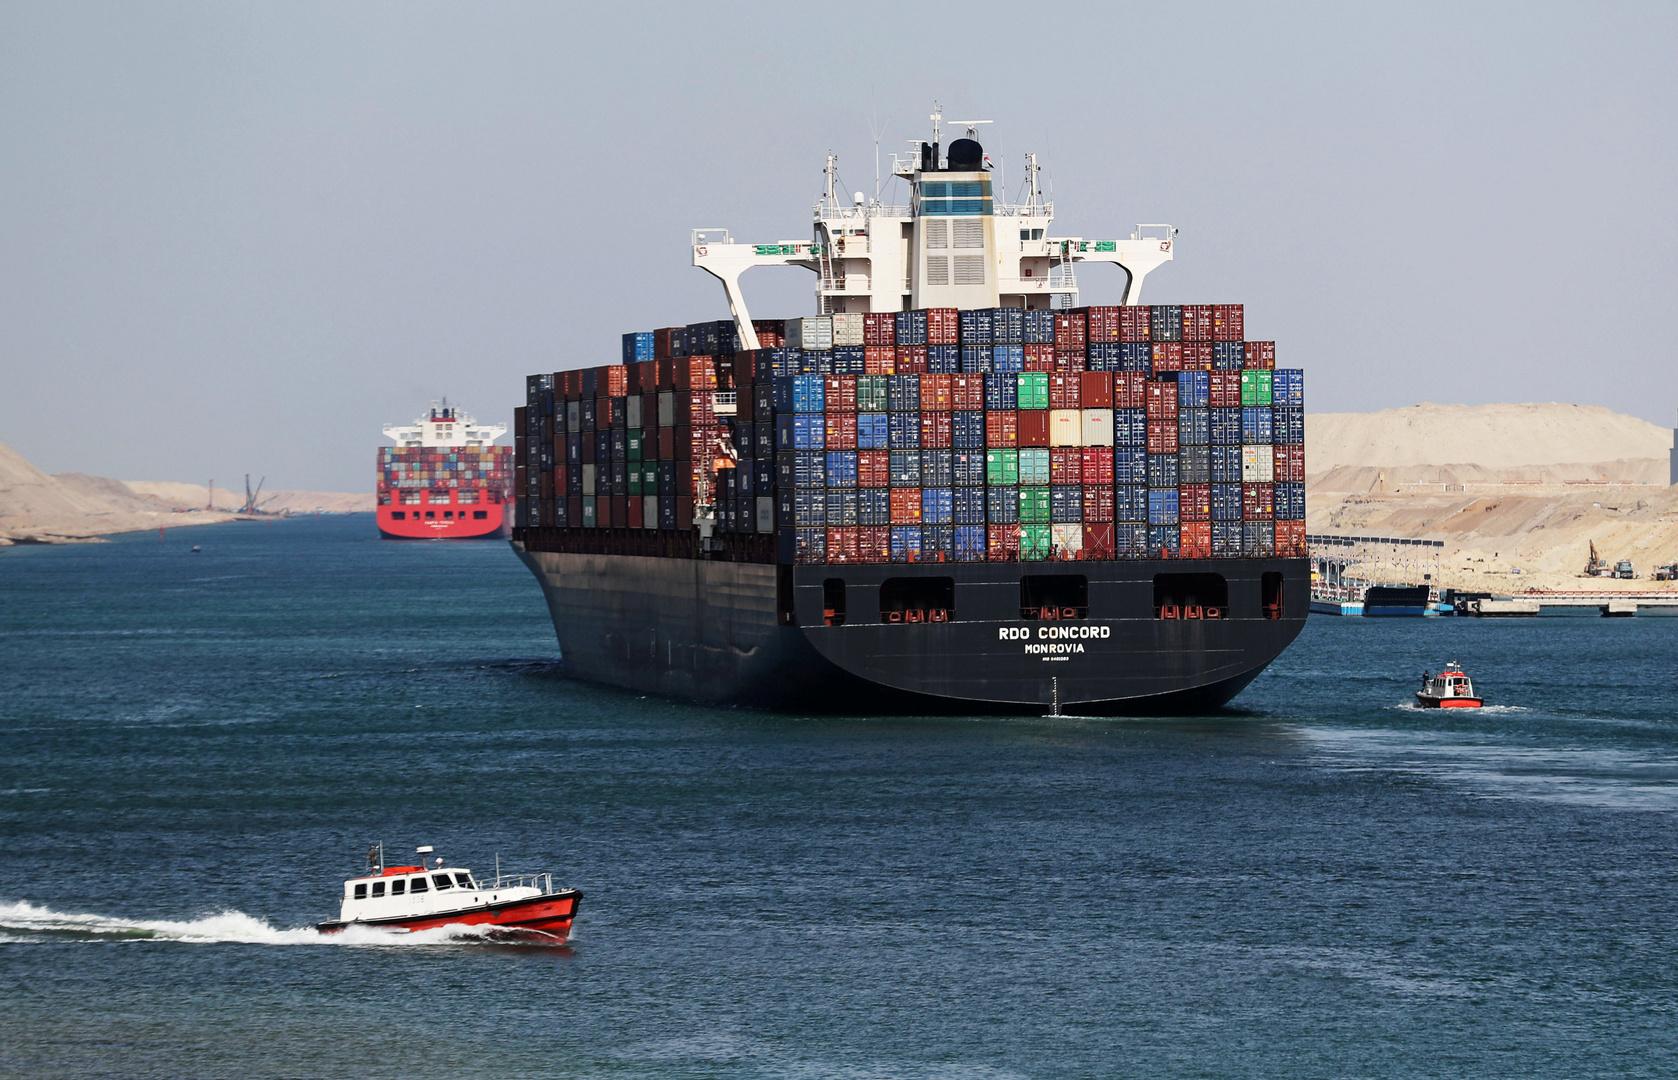 حركة الملاحة في قناة السويس منتظمة ولم تتأثر بتداعيات كورونا